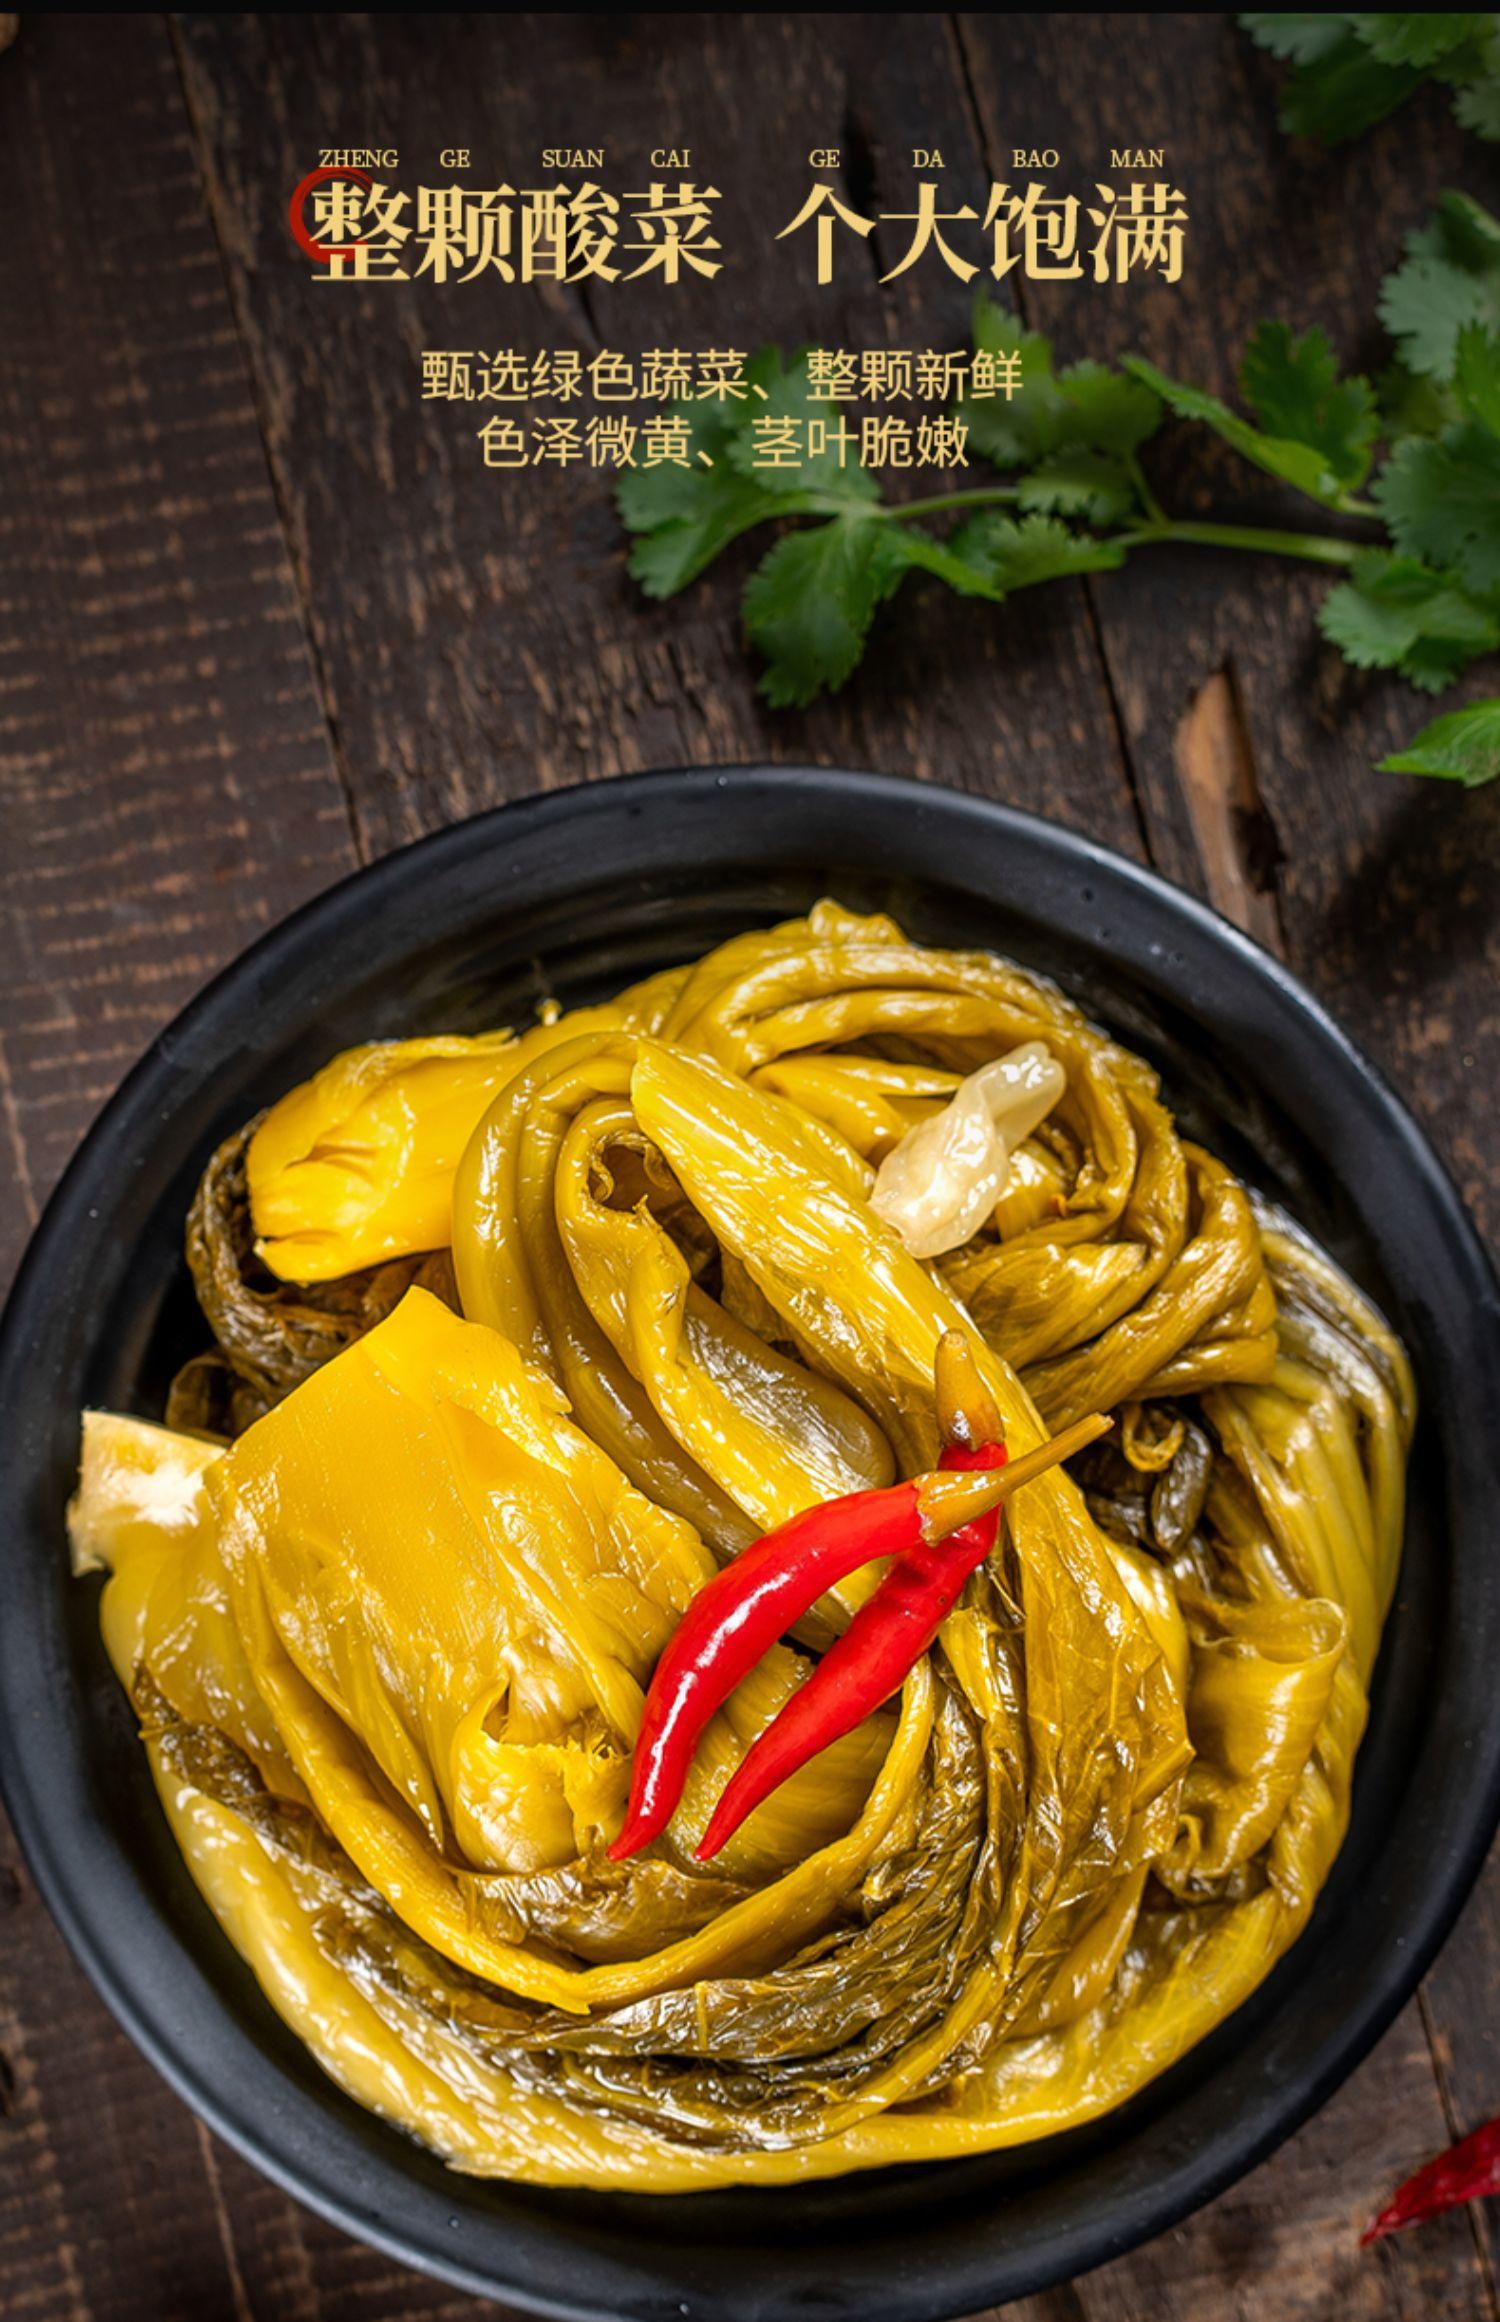 【蜀香】正宗老坛酸菜400g*5袋